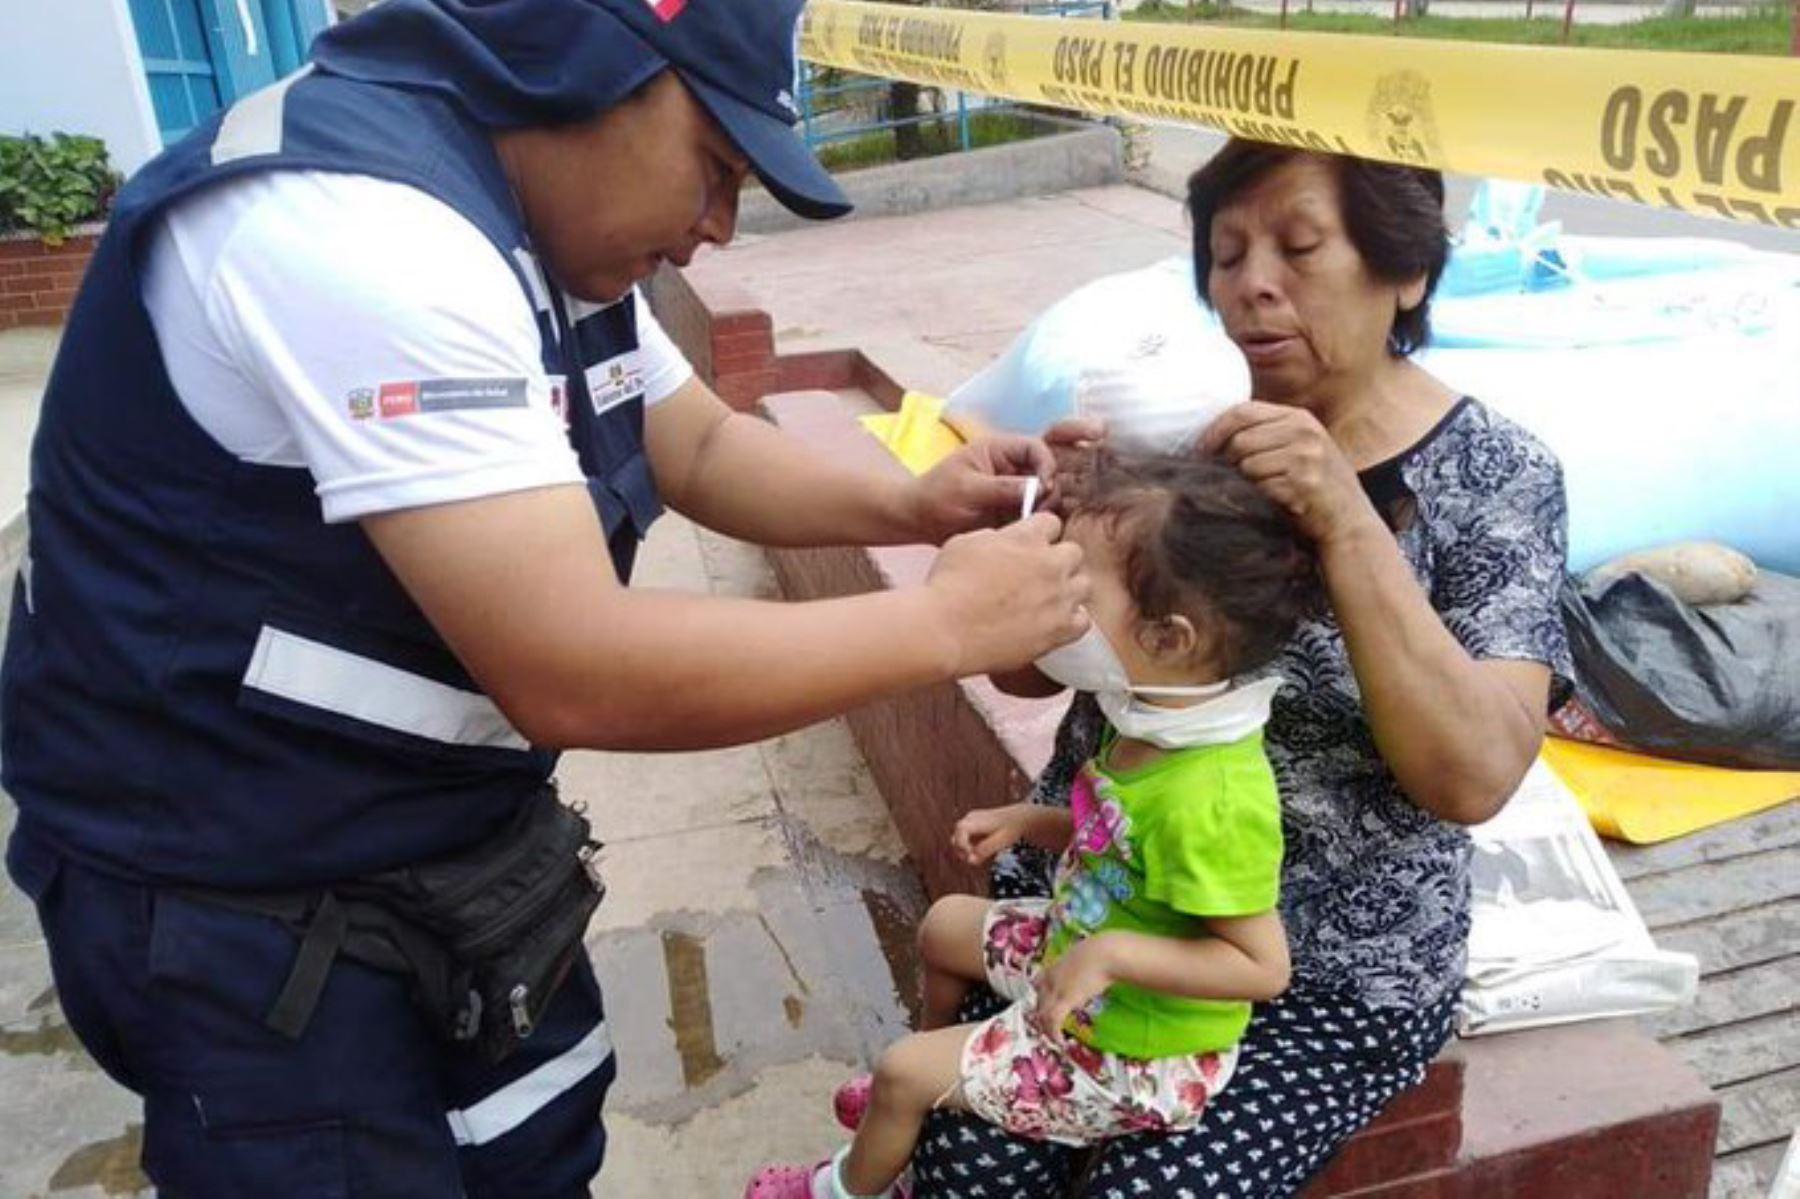 Minsa desplegó más de 20 brigadistas de emergencias y desastres en la zona afectada por el proceso eruptivo del volcán Ubinas, en Moquegua. ANDINA/Difusión